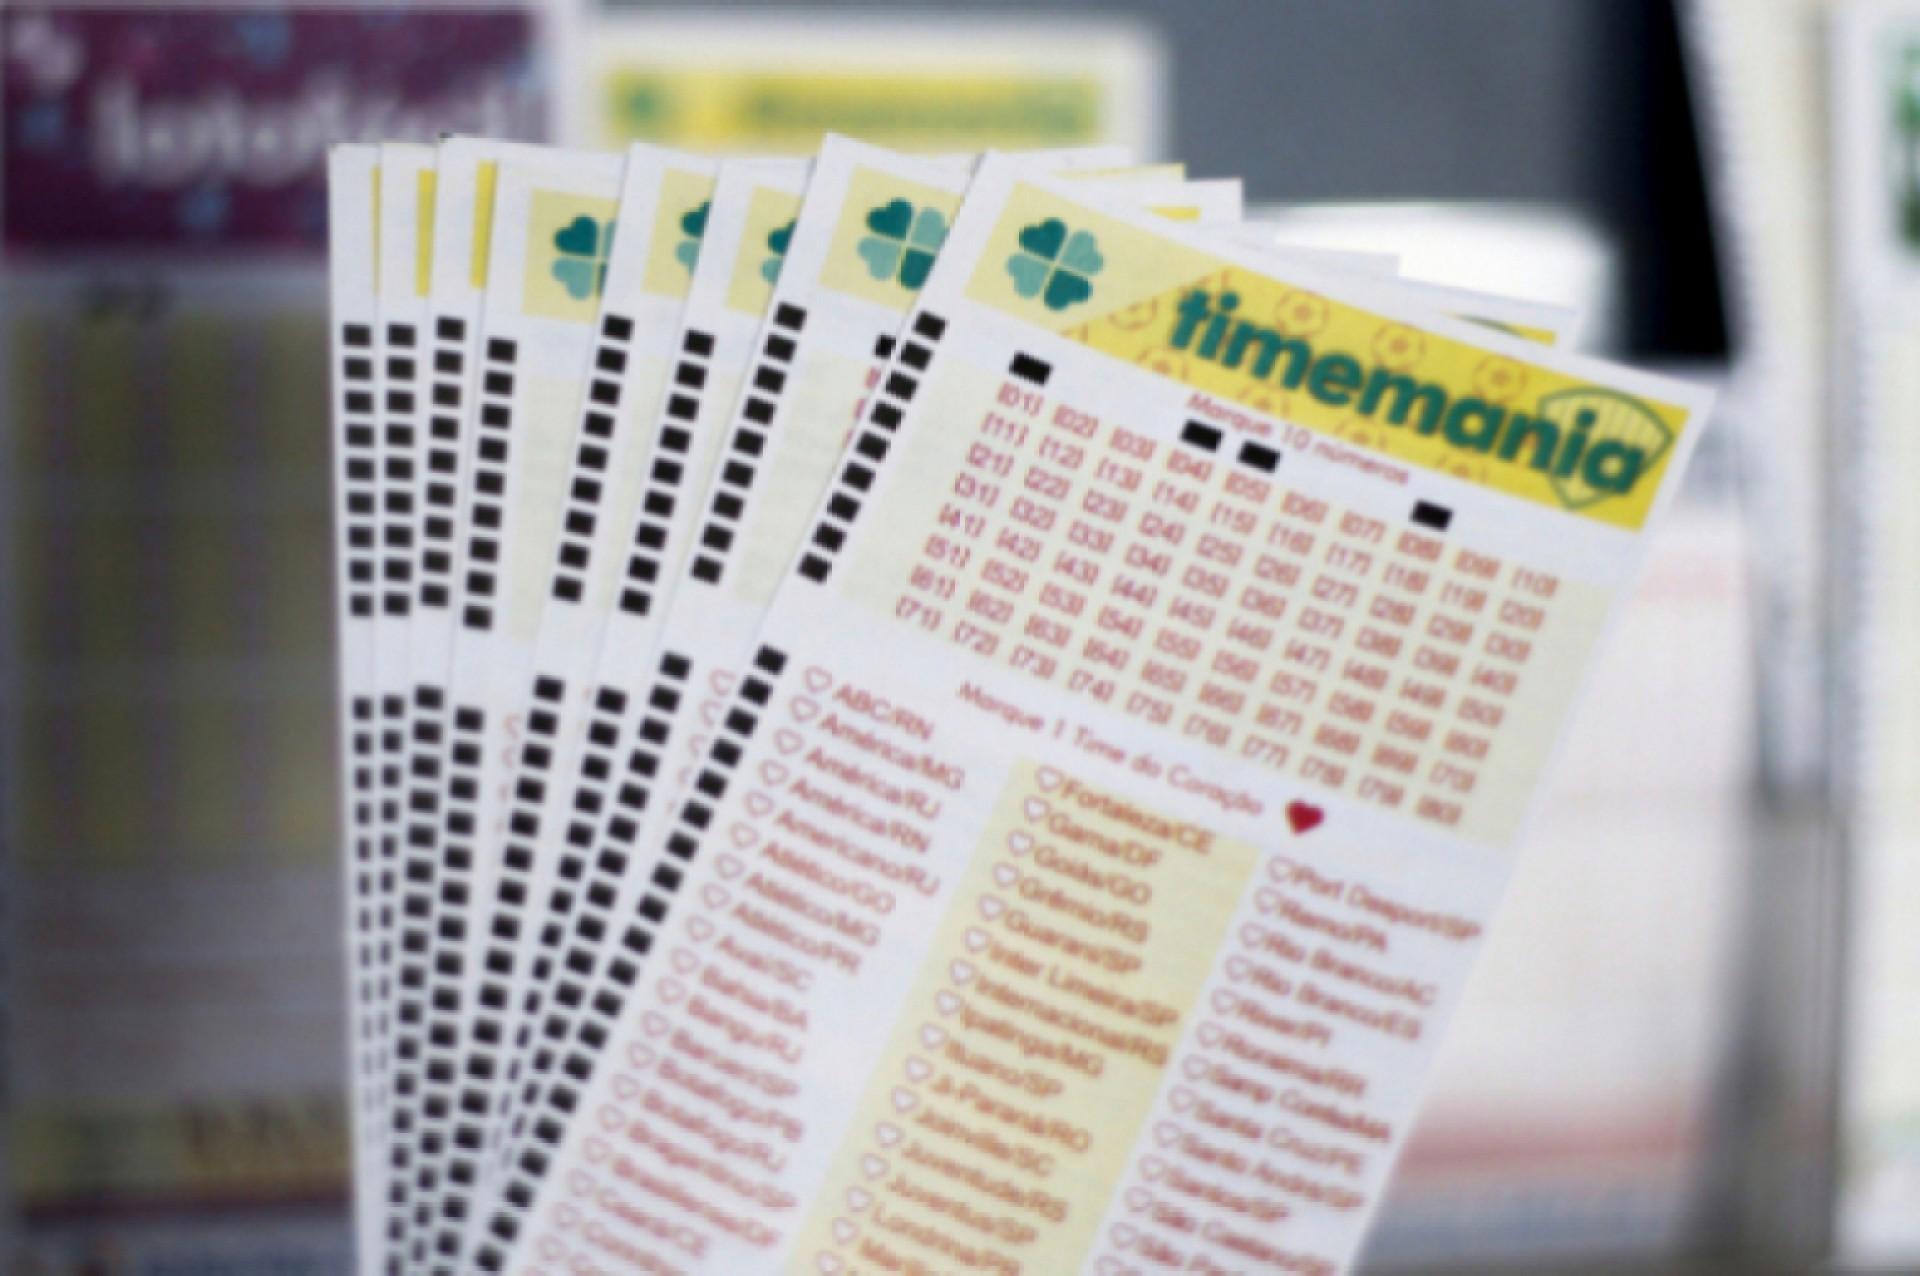 O resultado da Timemania de hoje, Concurso 1617, foi divulgado na noite de hoje, quinta-feira, 25 de março (25/03). O prêmio está estimado em R$ 800 mil (Foto: Deísa Garcêz em 27.12.2019)